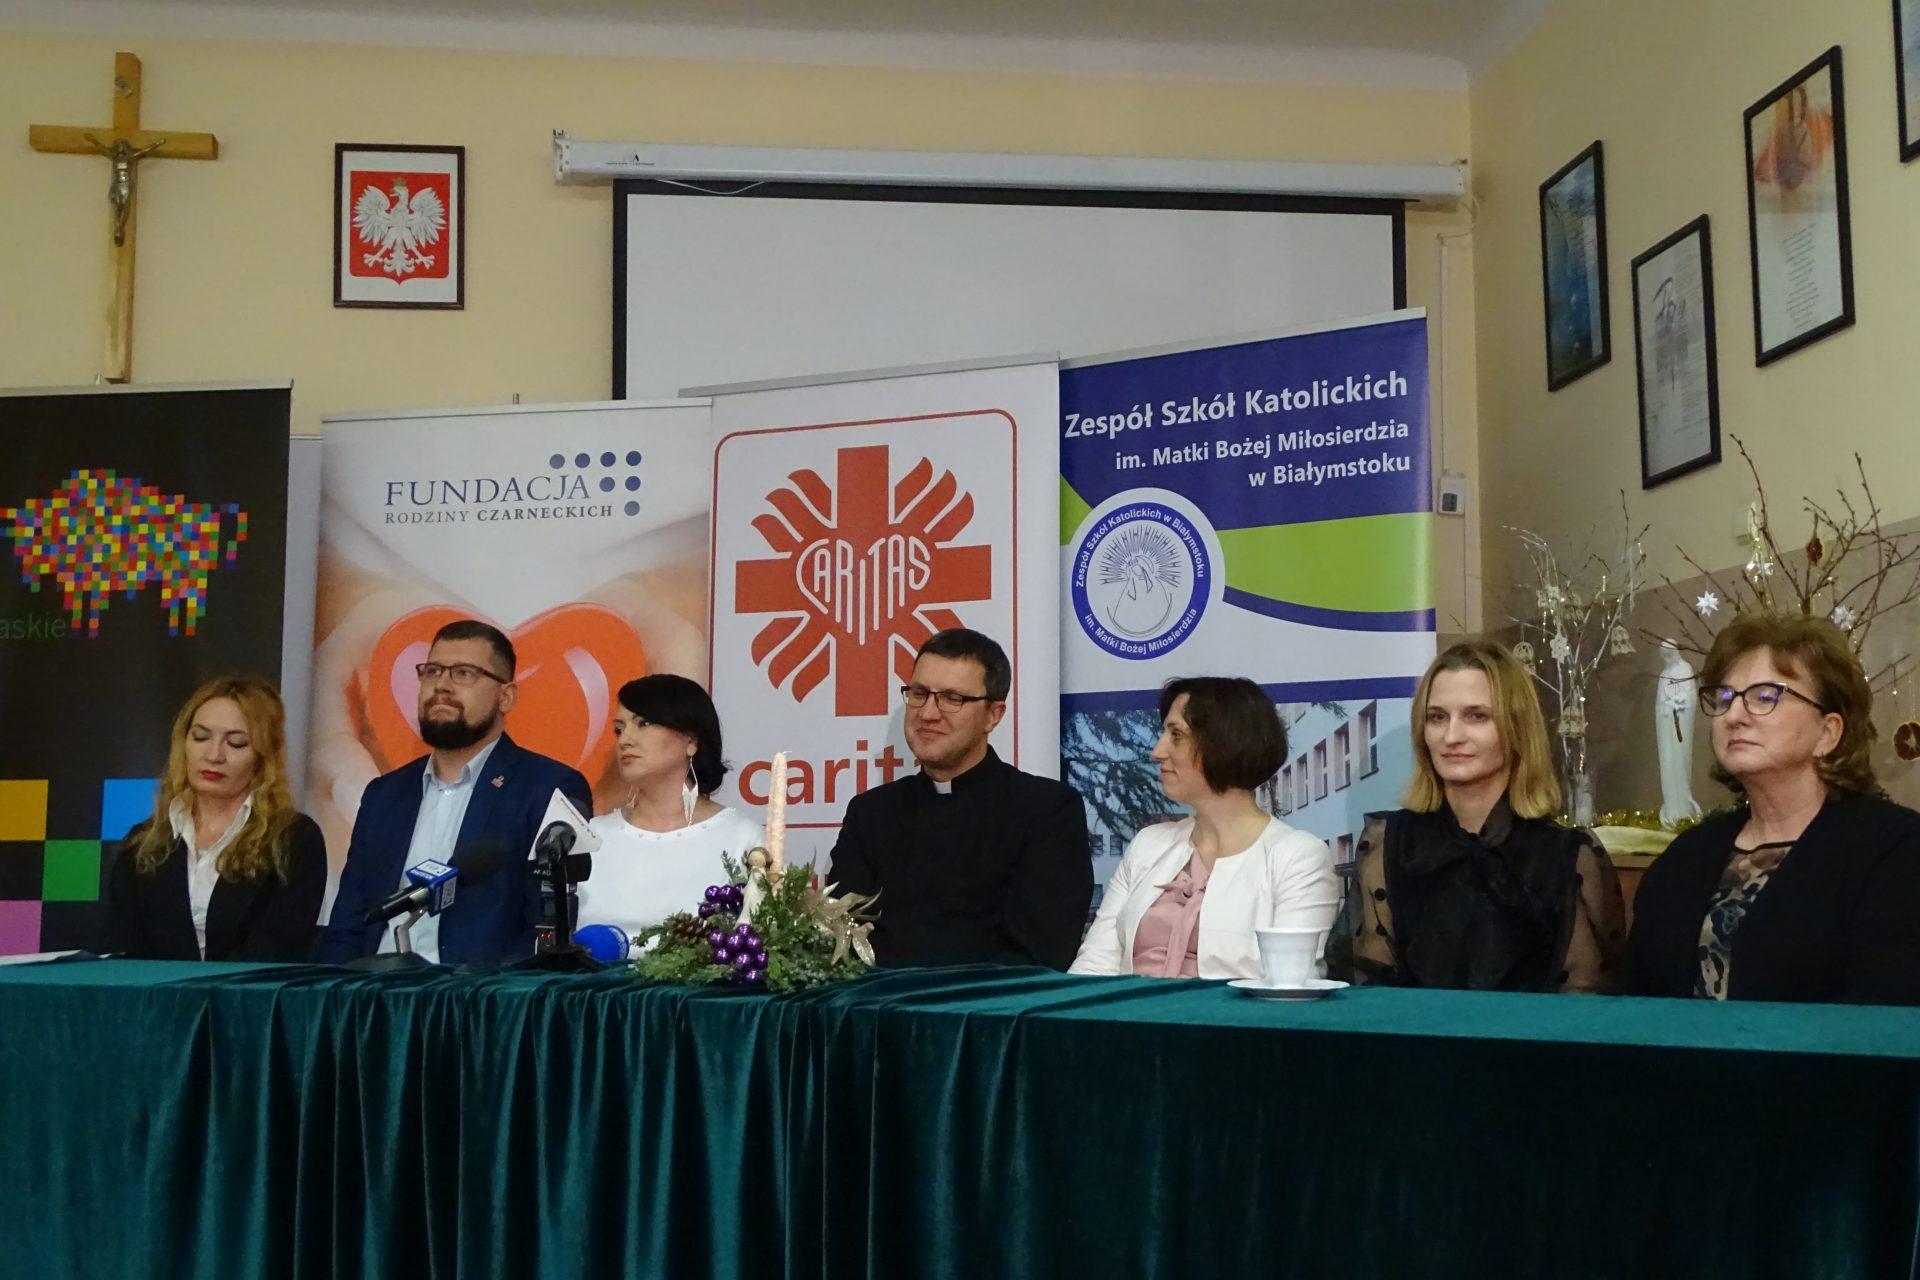 Spotkanie Wigilijne Caritas - directoryzoon.com - Portal Internetowy